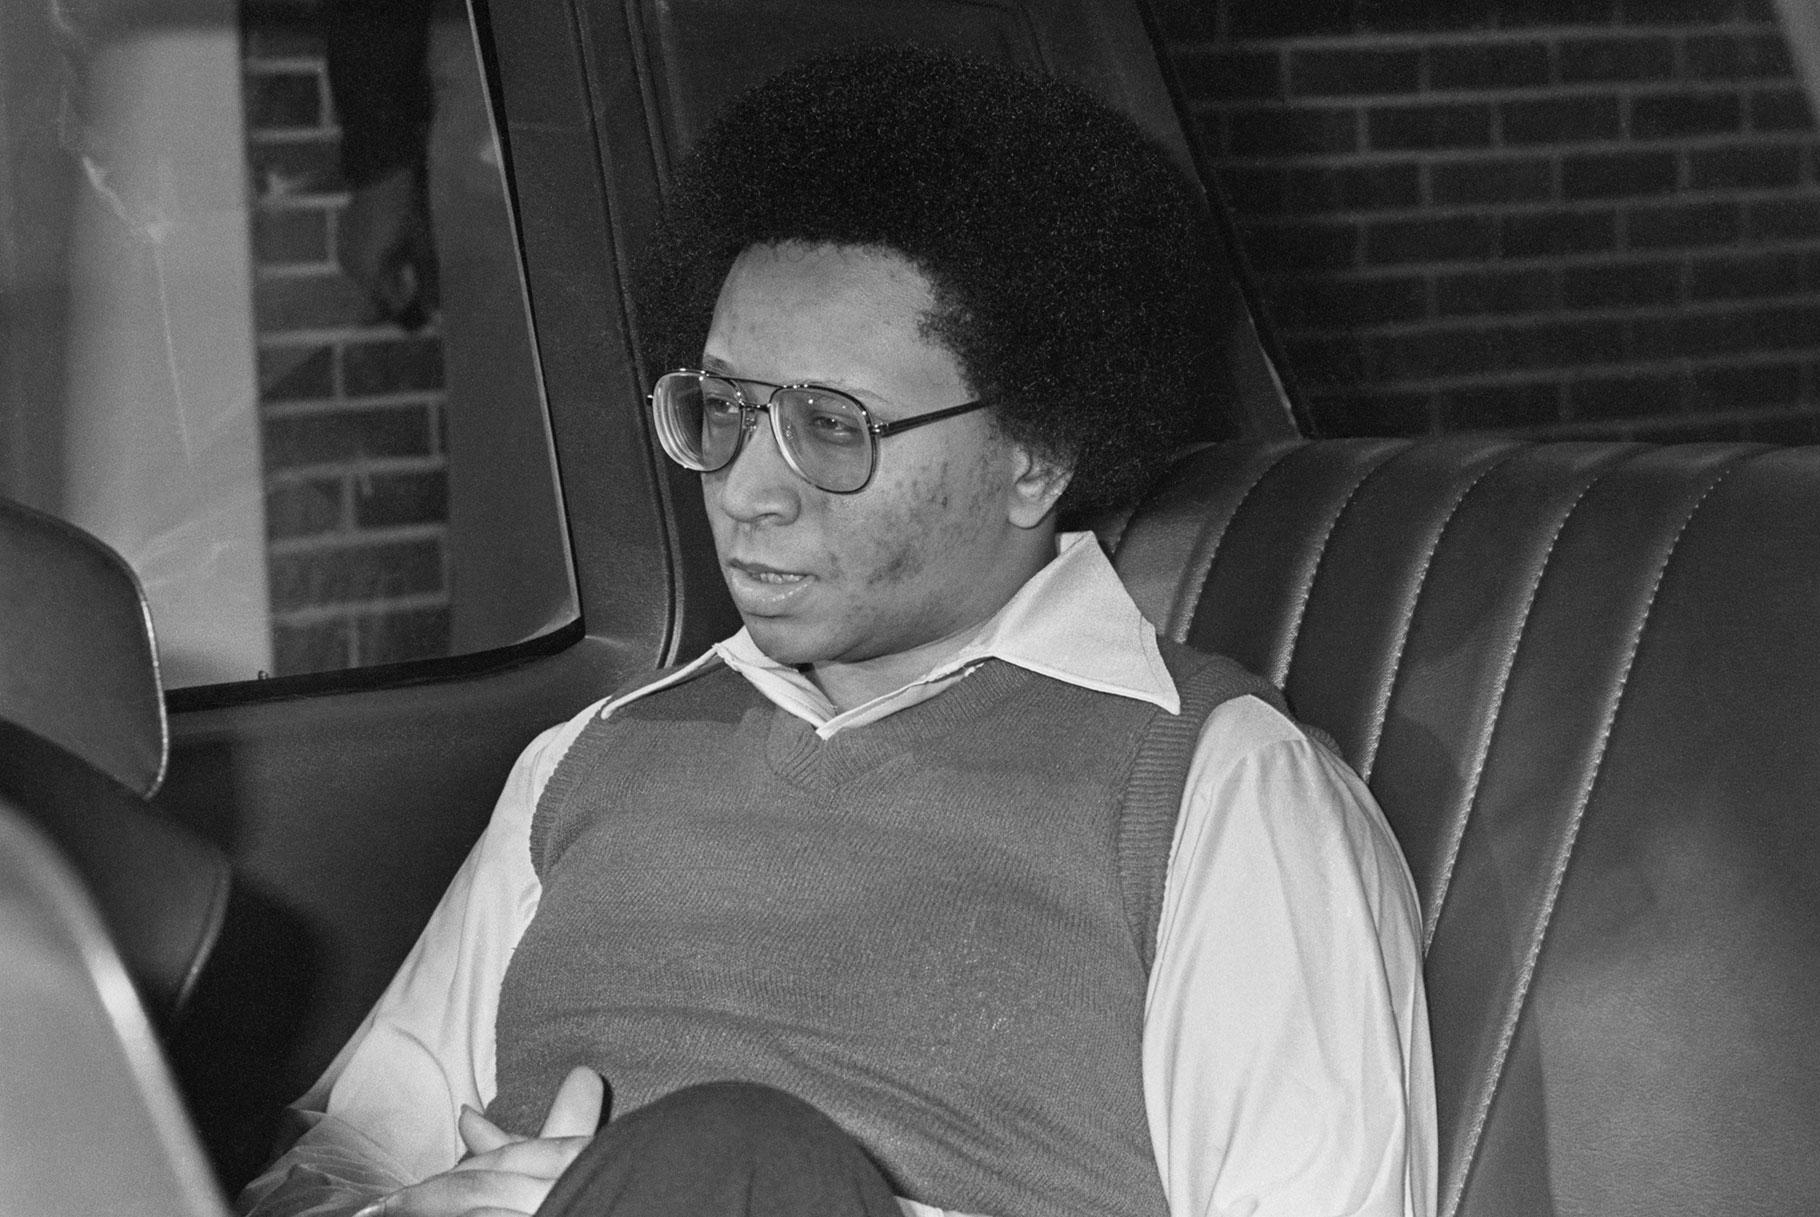 ¿Quién es Wayne Williams y cuál es su conexión con los asesinatos de niños en Atlanta?